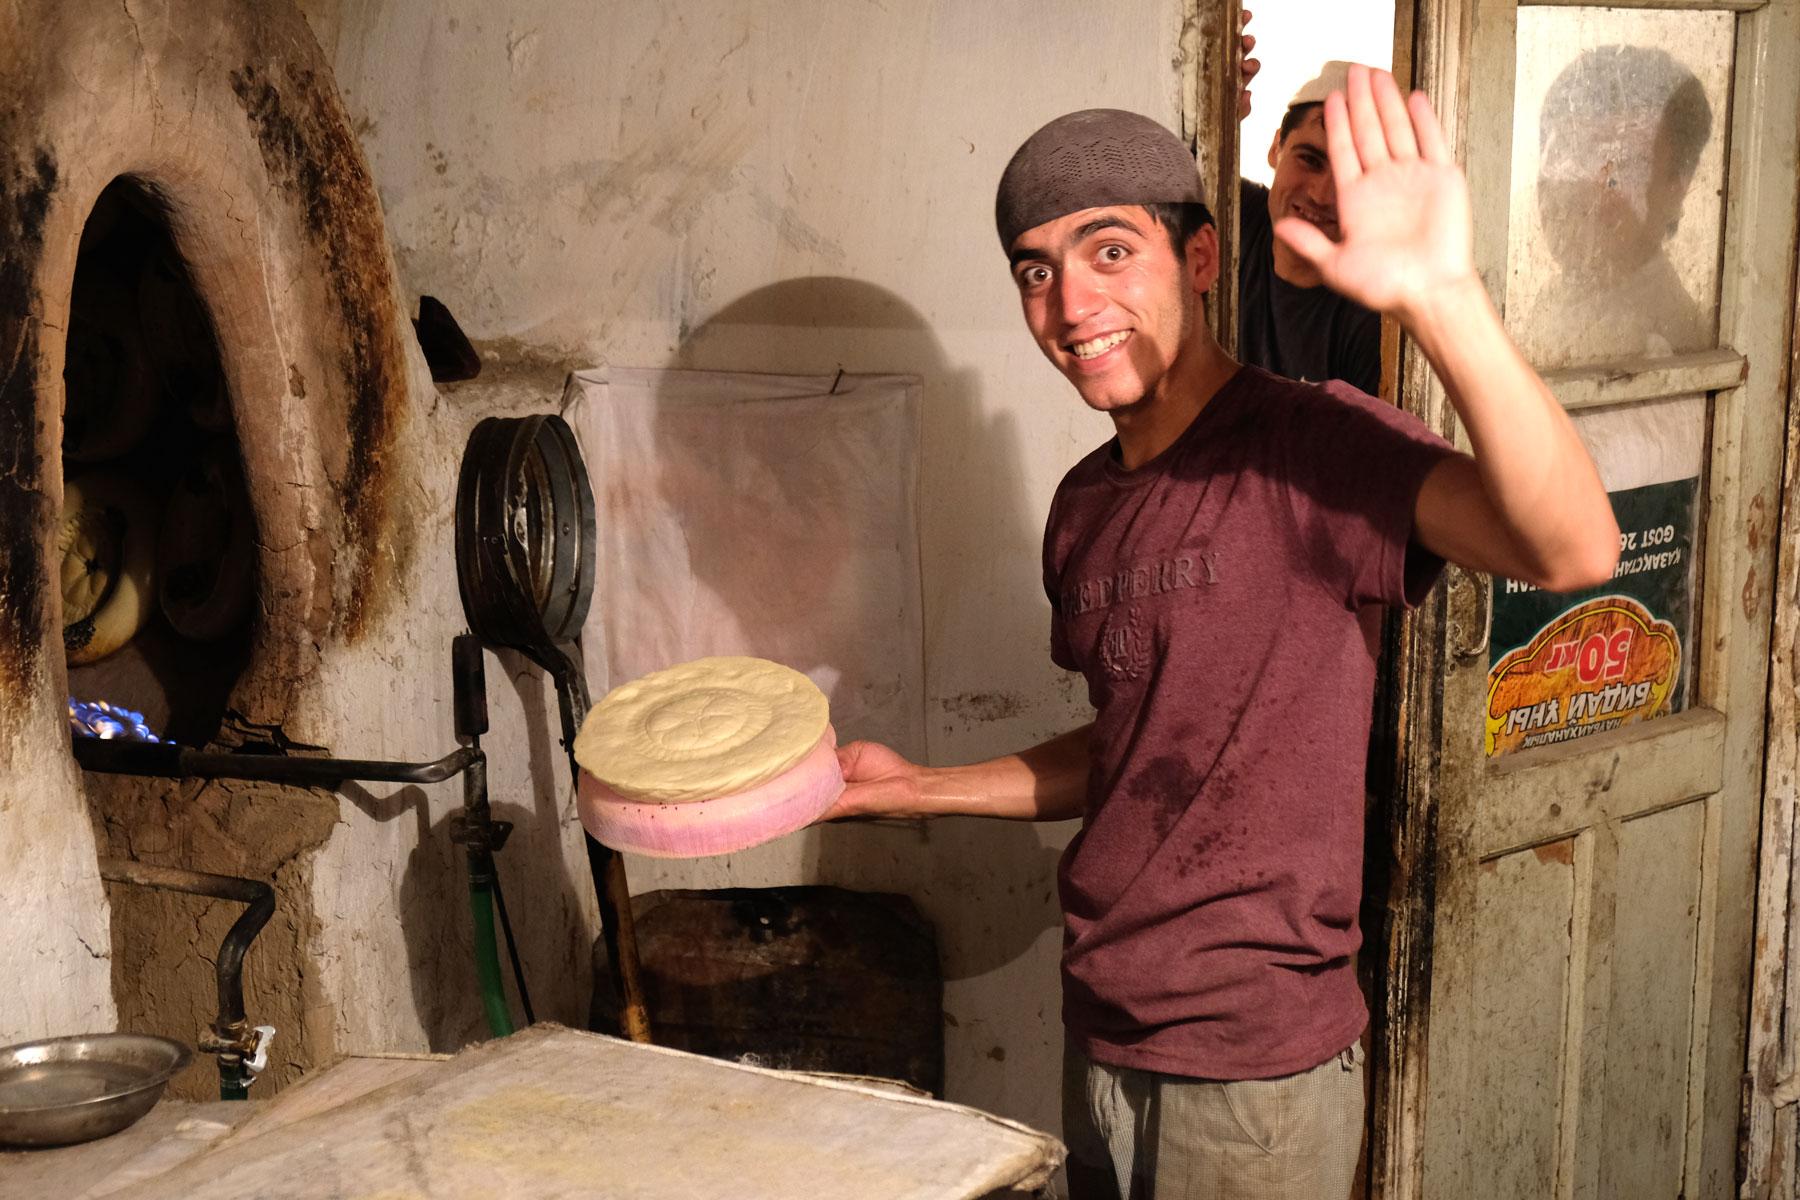 Ein junger Mann hält ein ungebackenes Brot in der Hand.